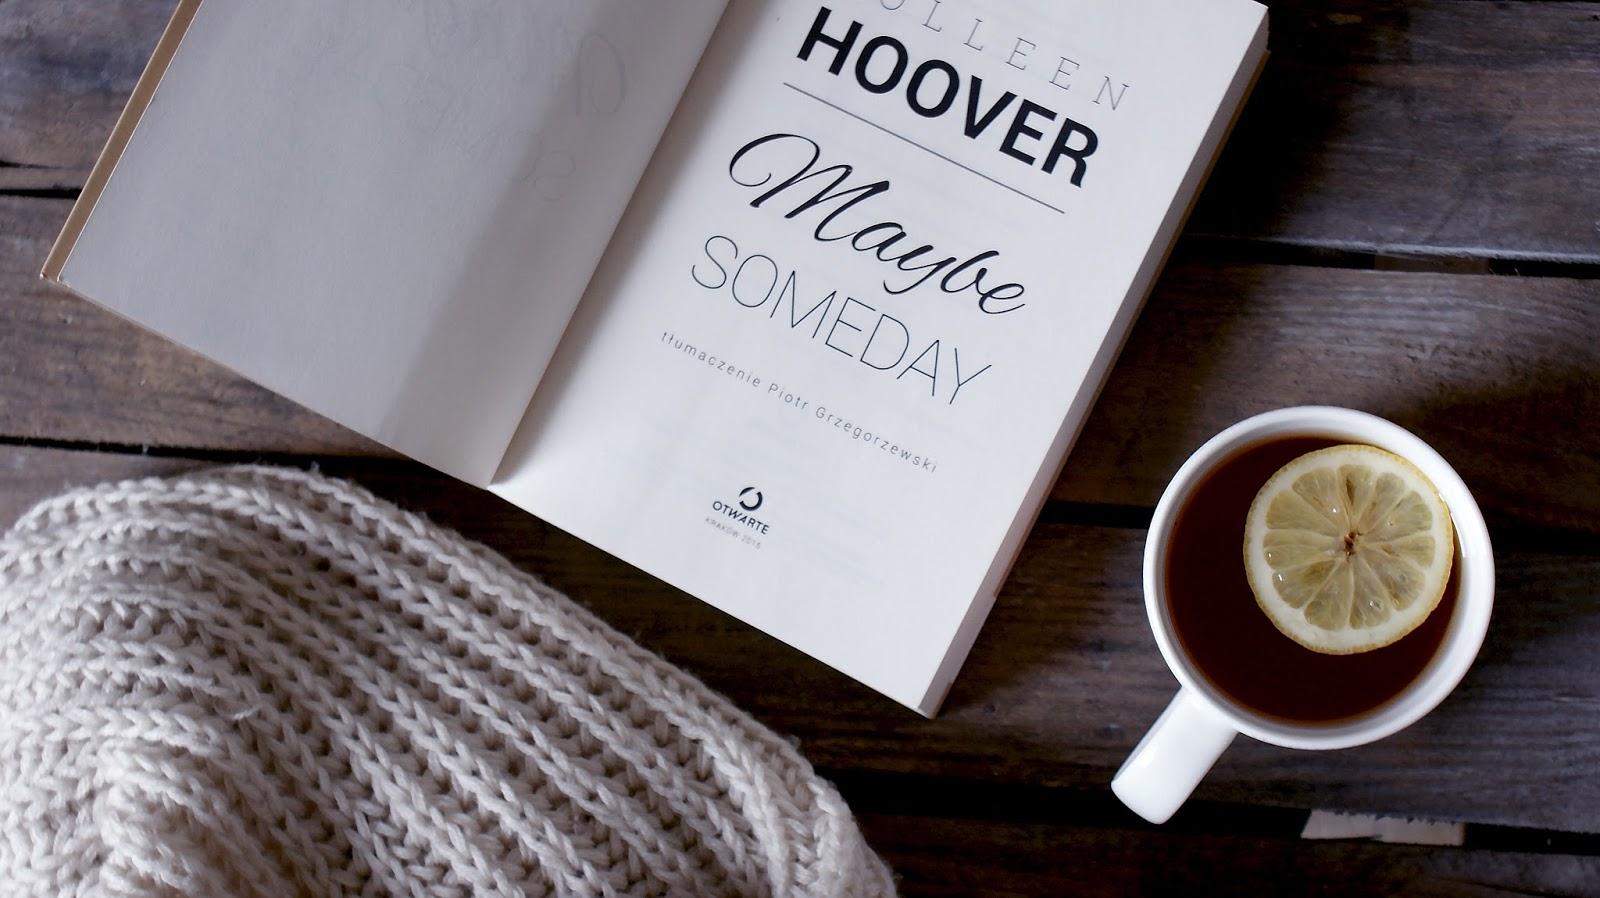 Maybe Someday, Colleen Hoover, romans, Sydney, Ridge, miłość, książka, szalik, sweter, herbata, cytryna, drewniane tło